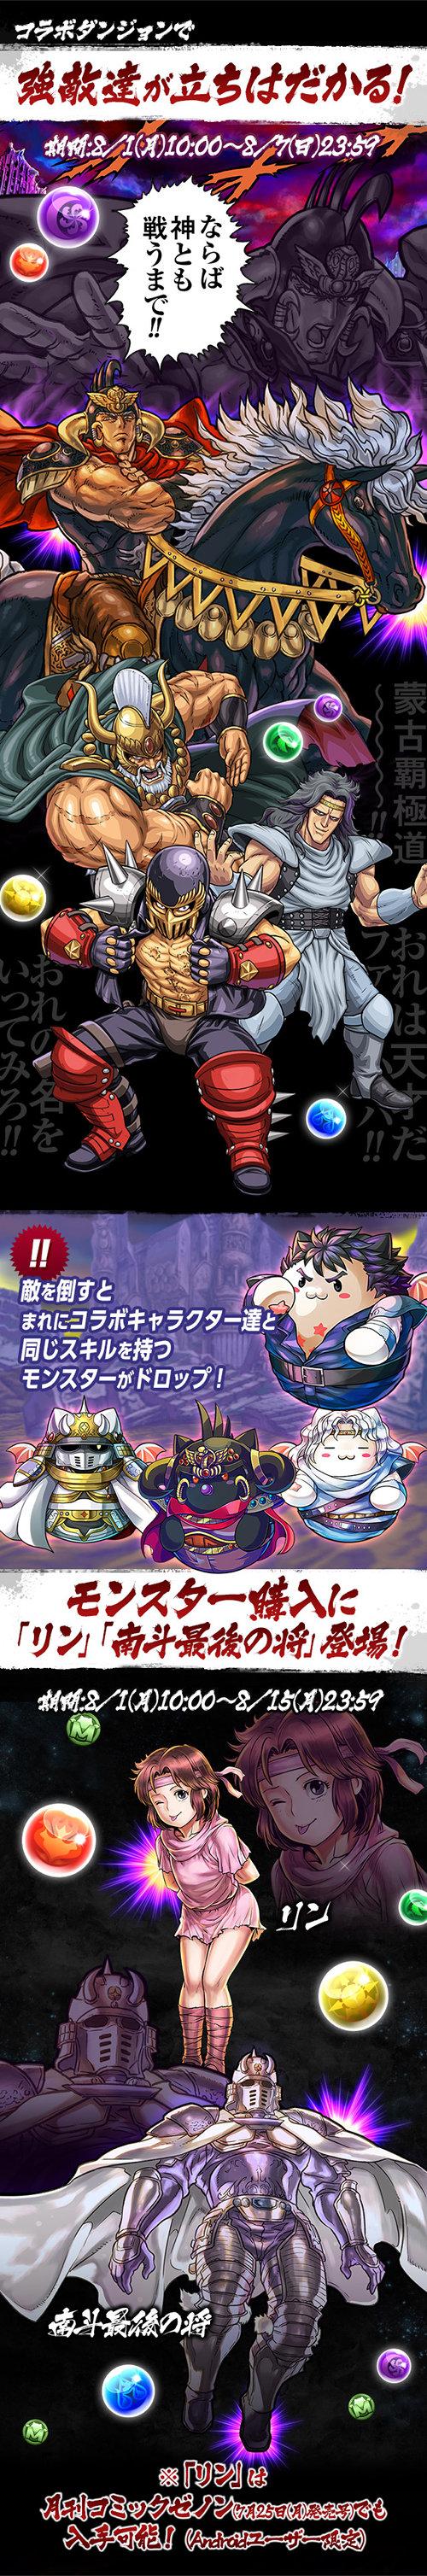 b686_hokutonoken_collabo160729_media3